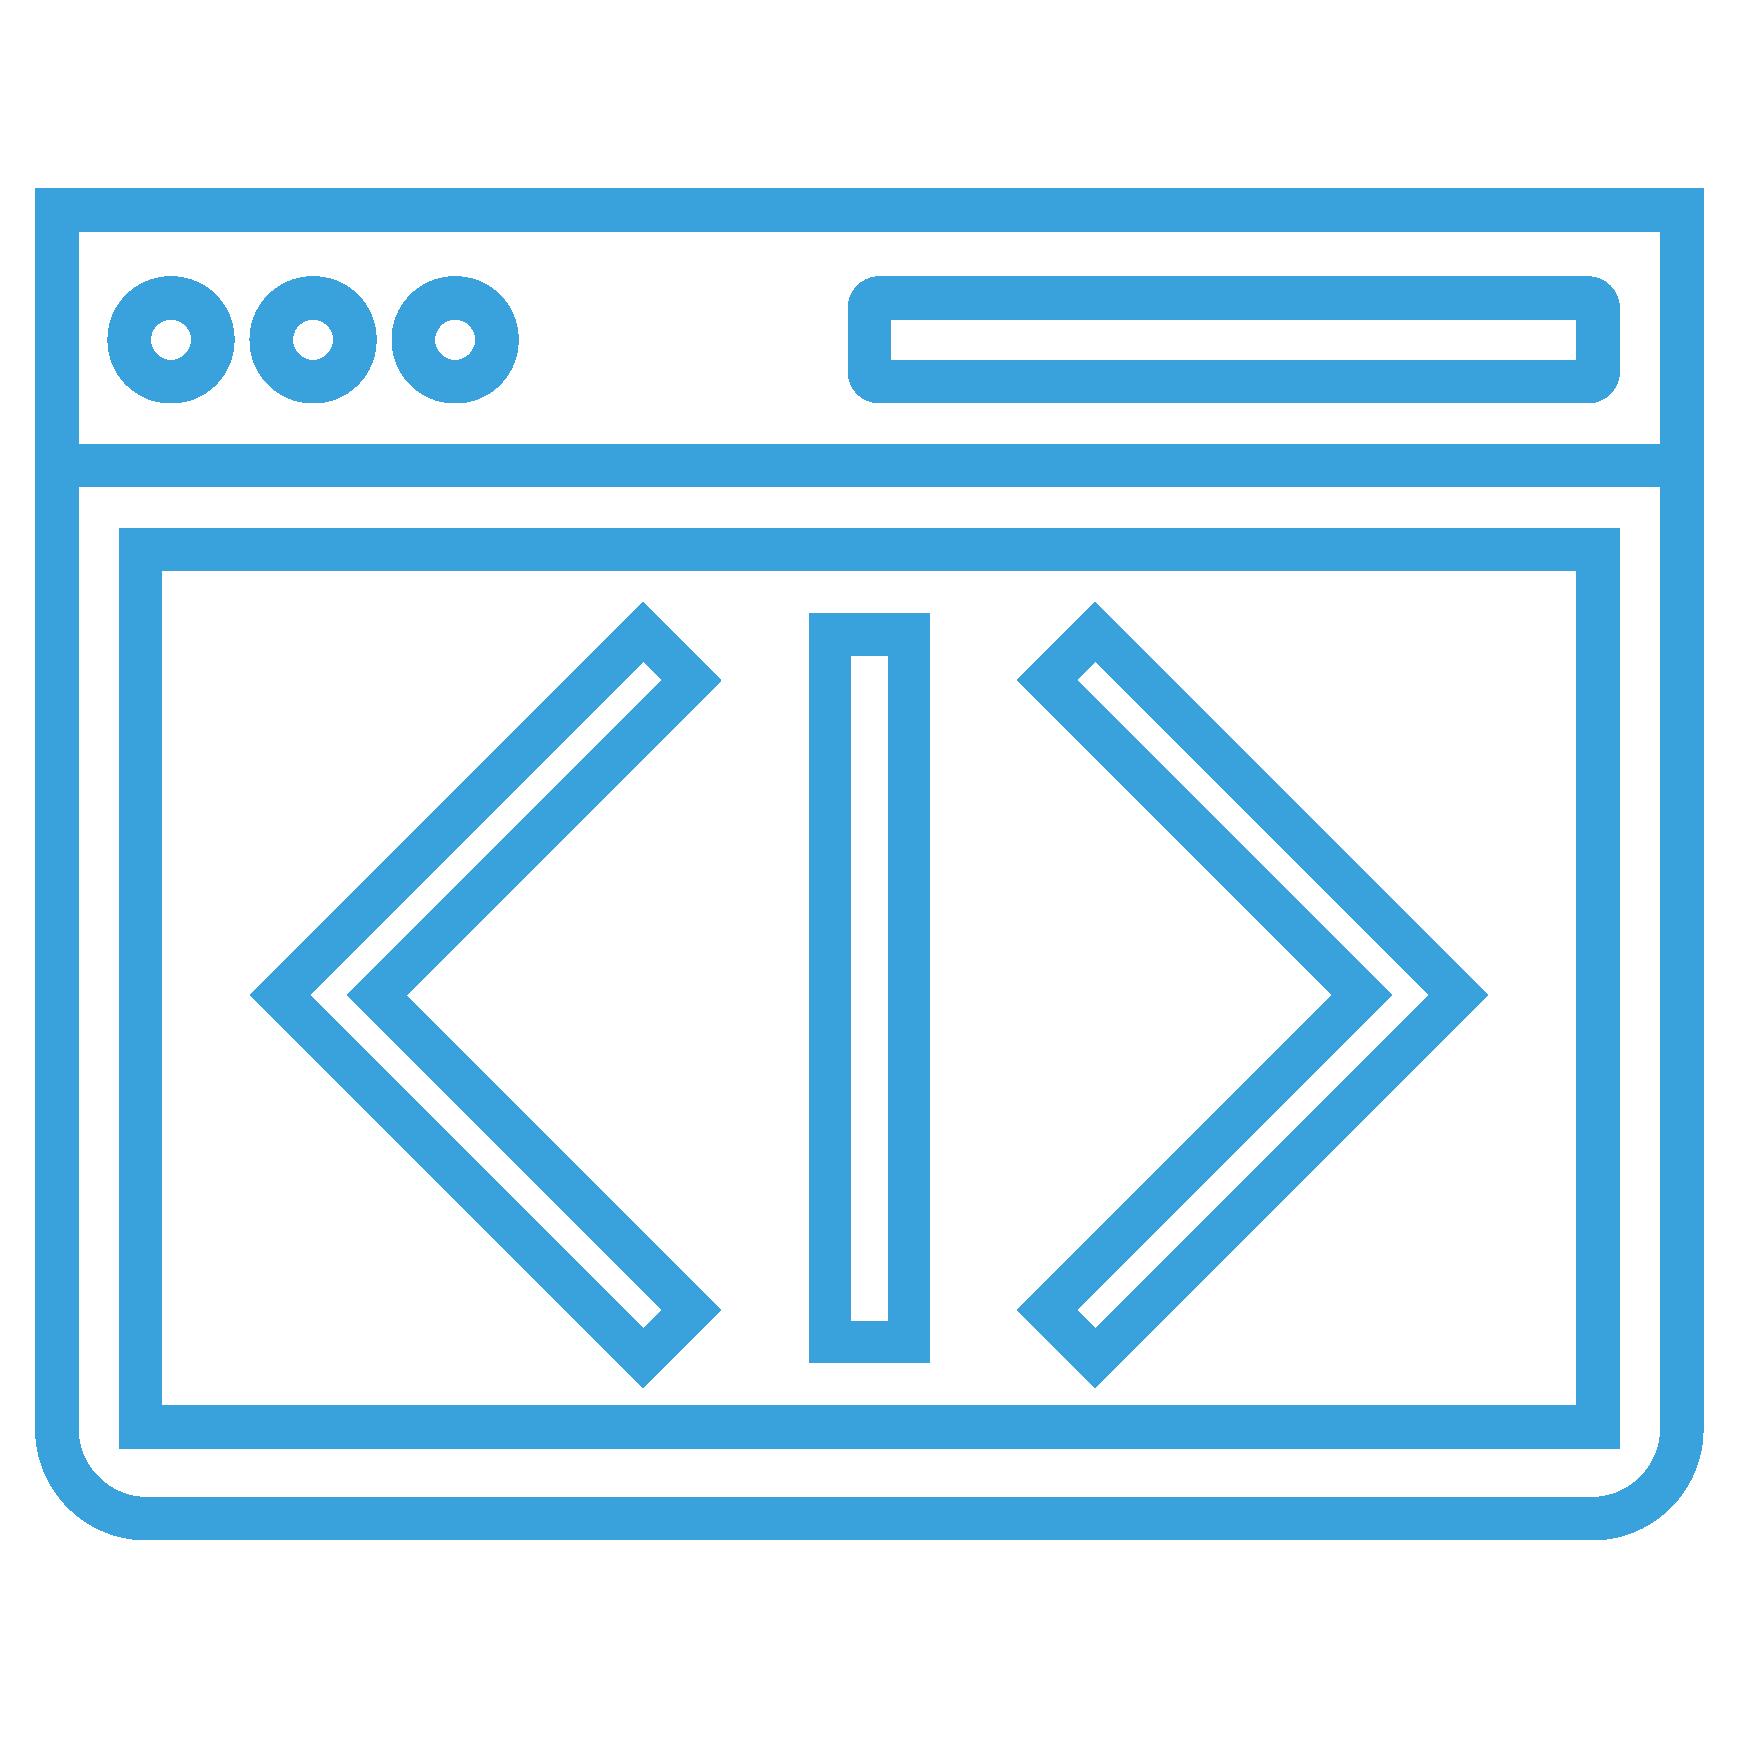 Software Development essex